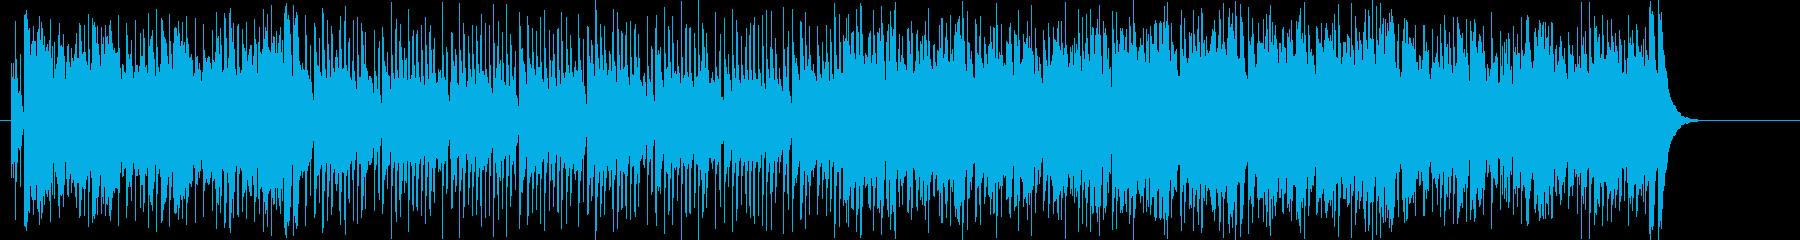 果敢で明瞭なオープニング向けポップスの再生済みの波形